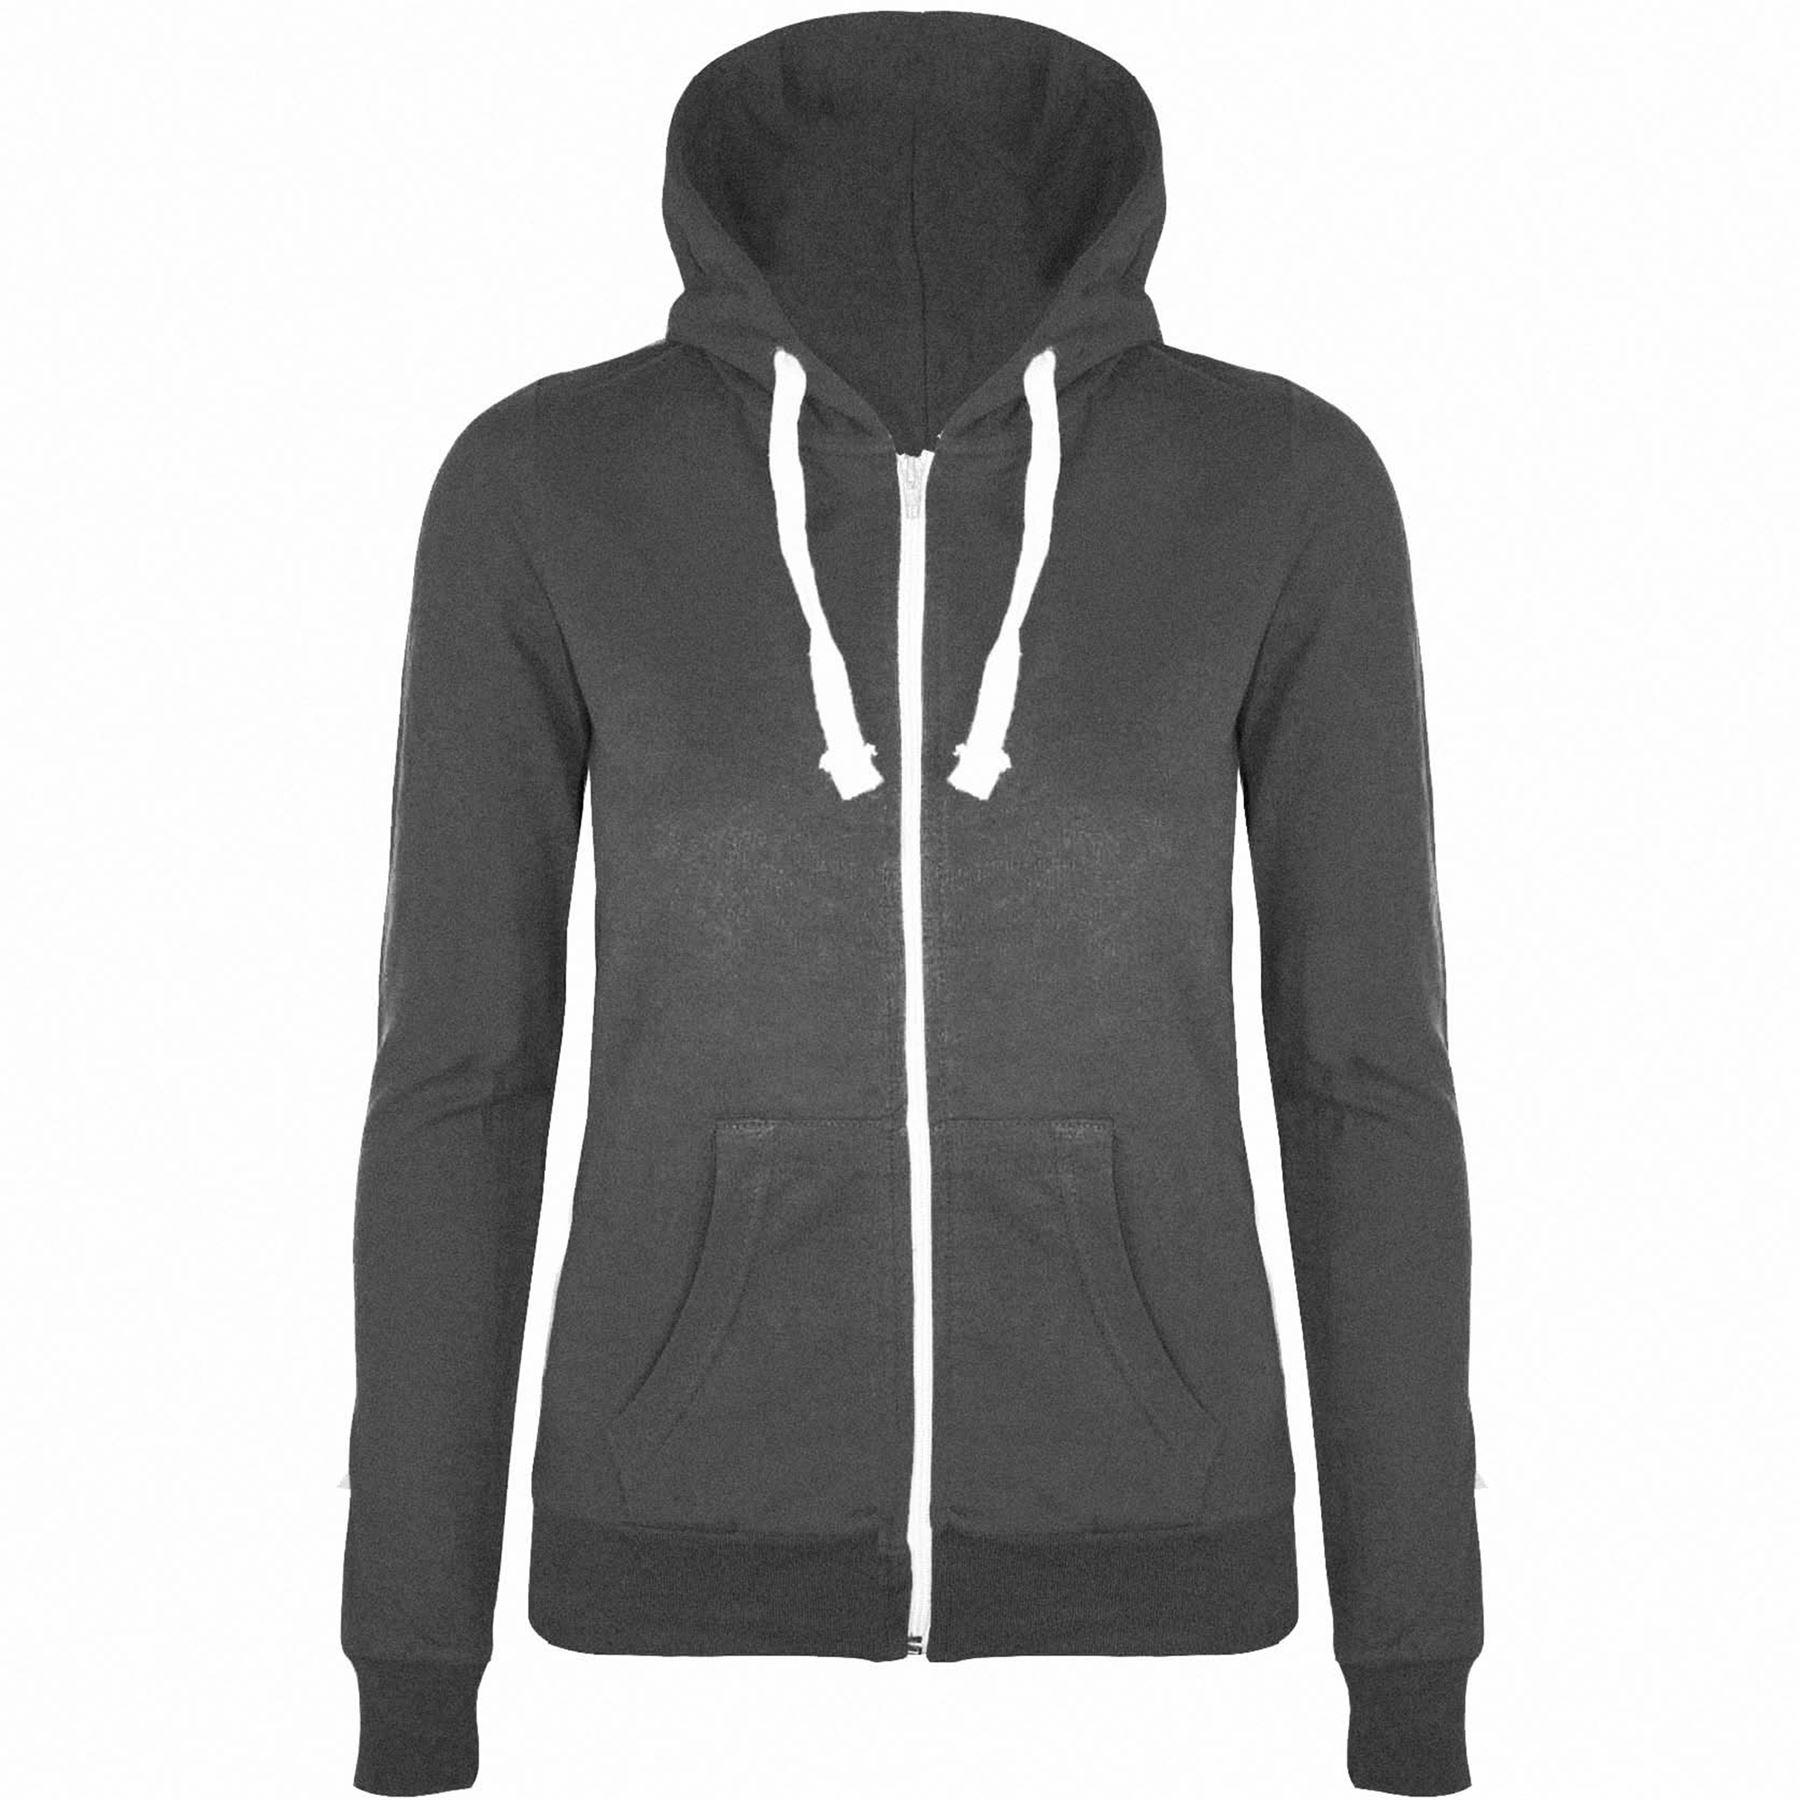 Womens Plain Hoodie Zip Up Ladies Hooded Jacket Sweatshirt ...